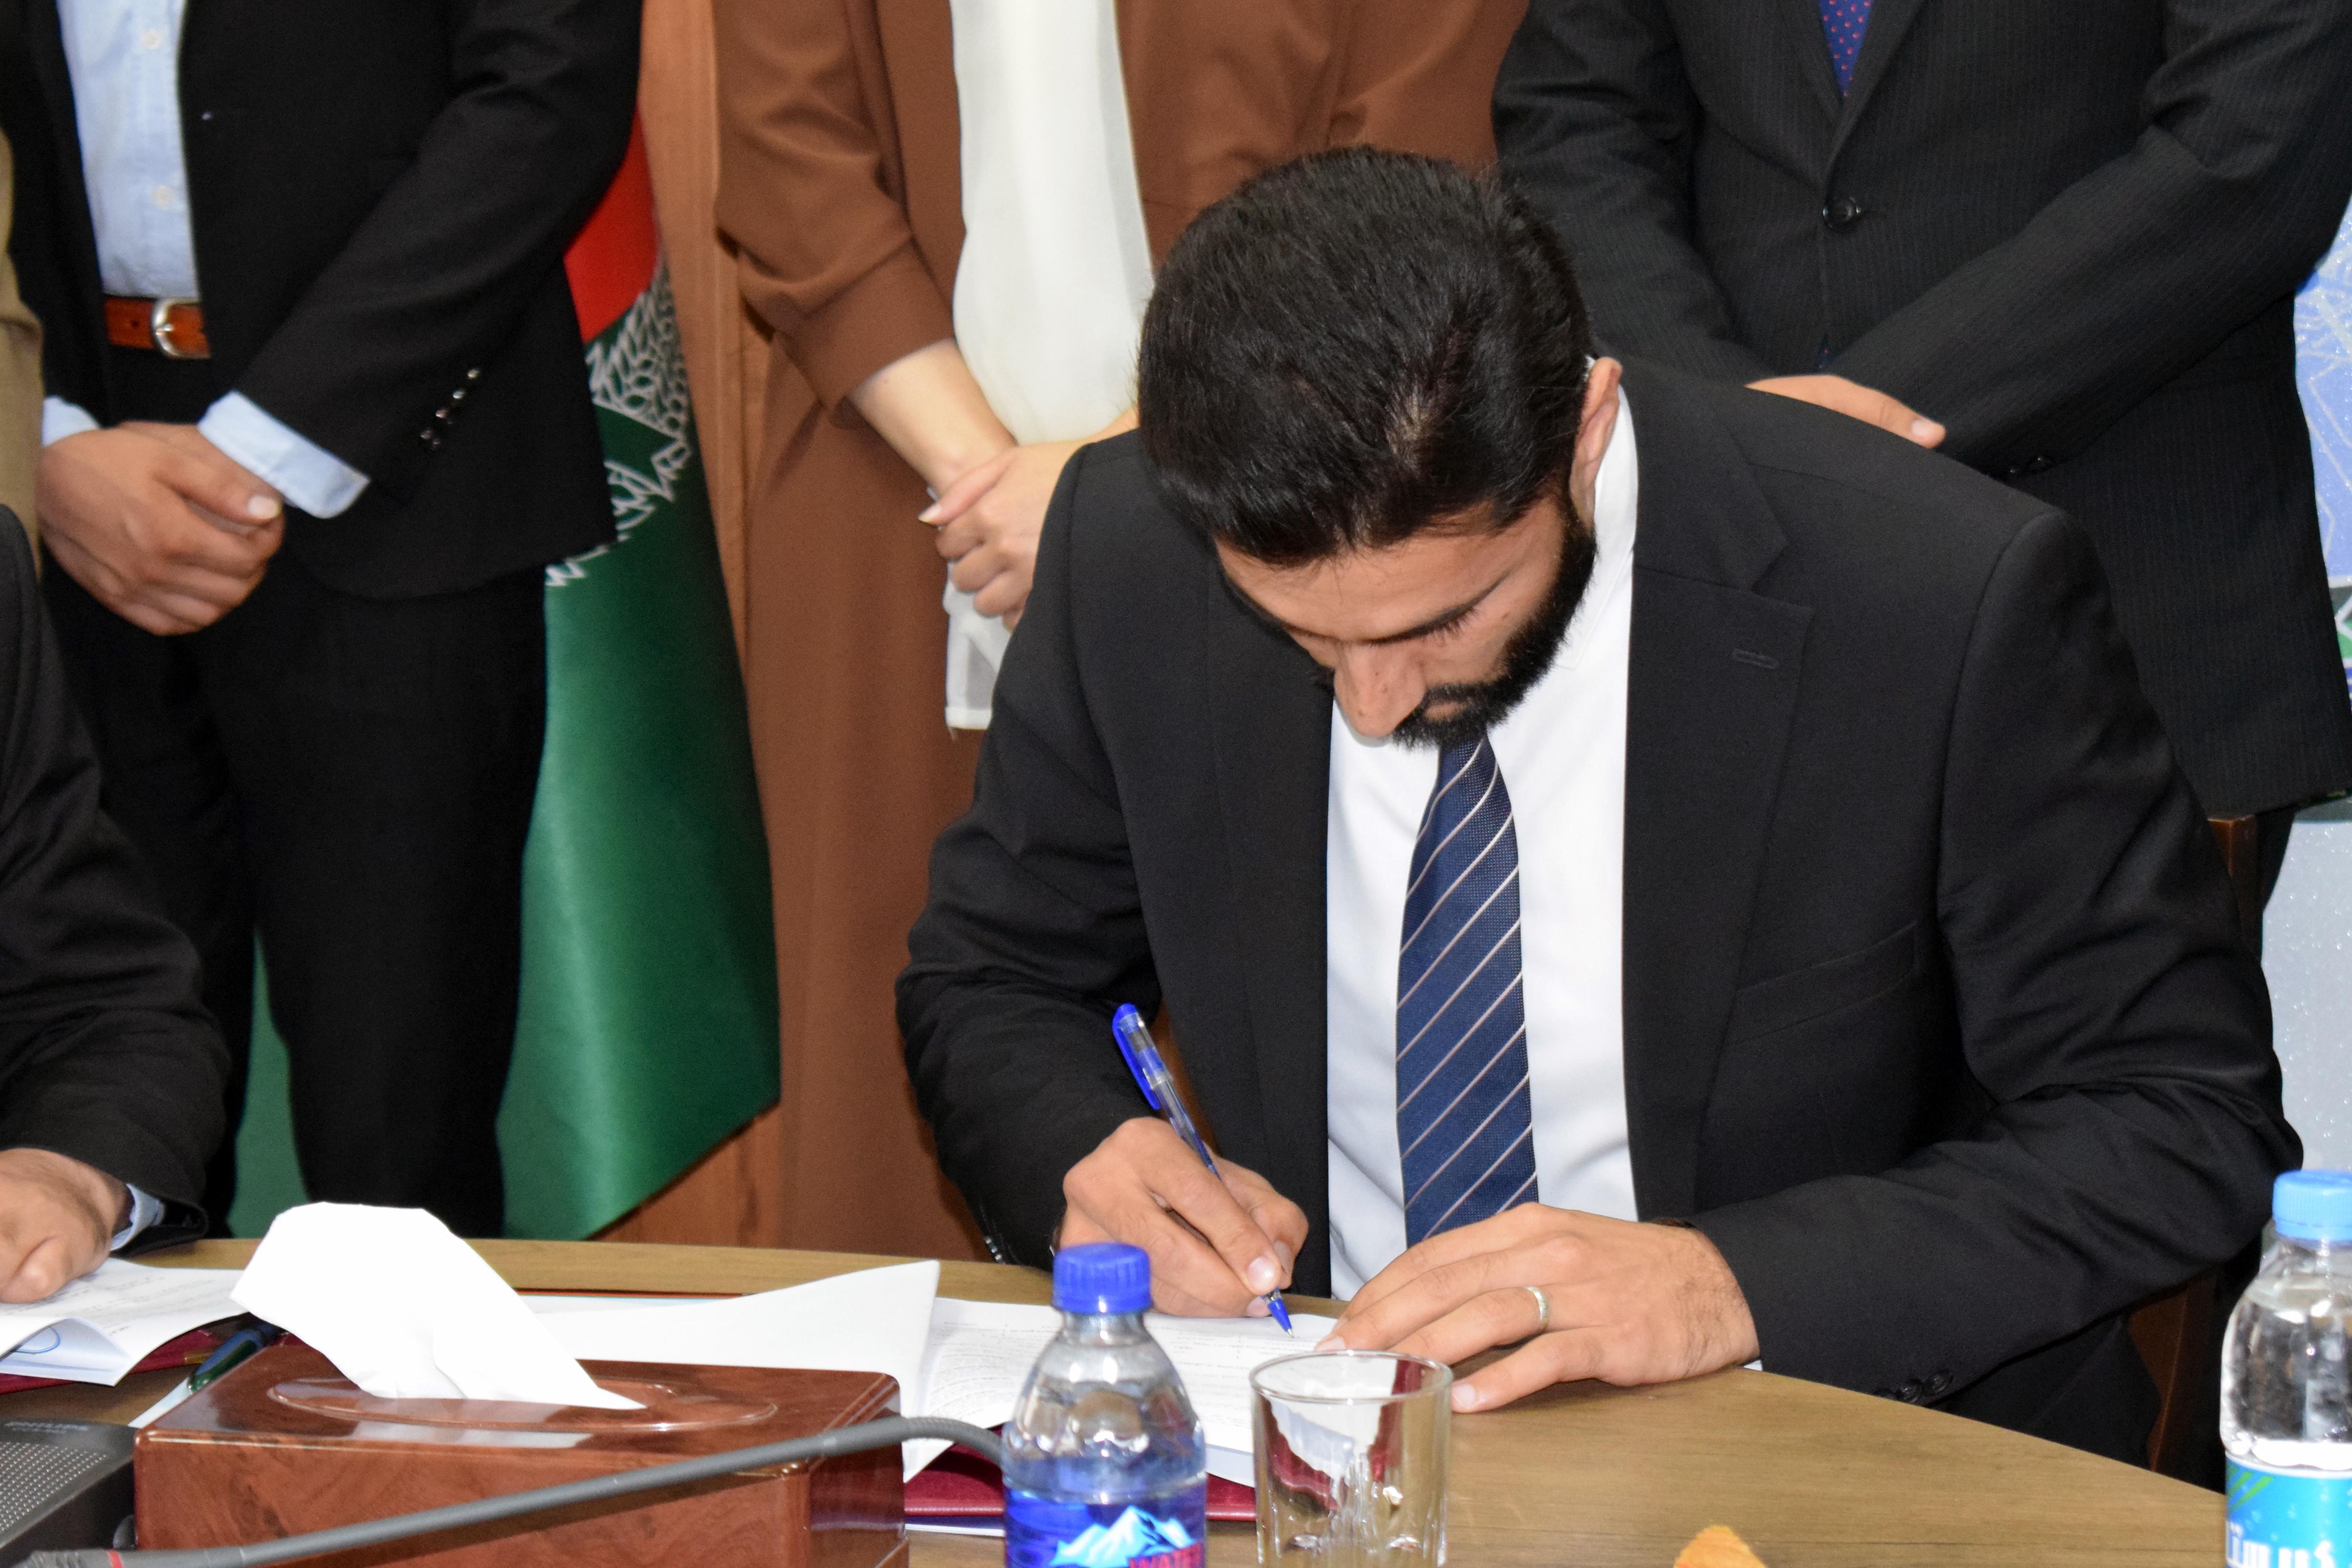 امضای توافقنامه همکاری و توزیع جواز فعالیت به شرکت خدمات پُستی «بُبَر اکسپرس»